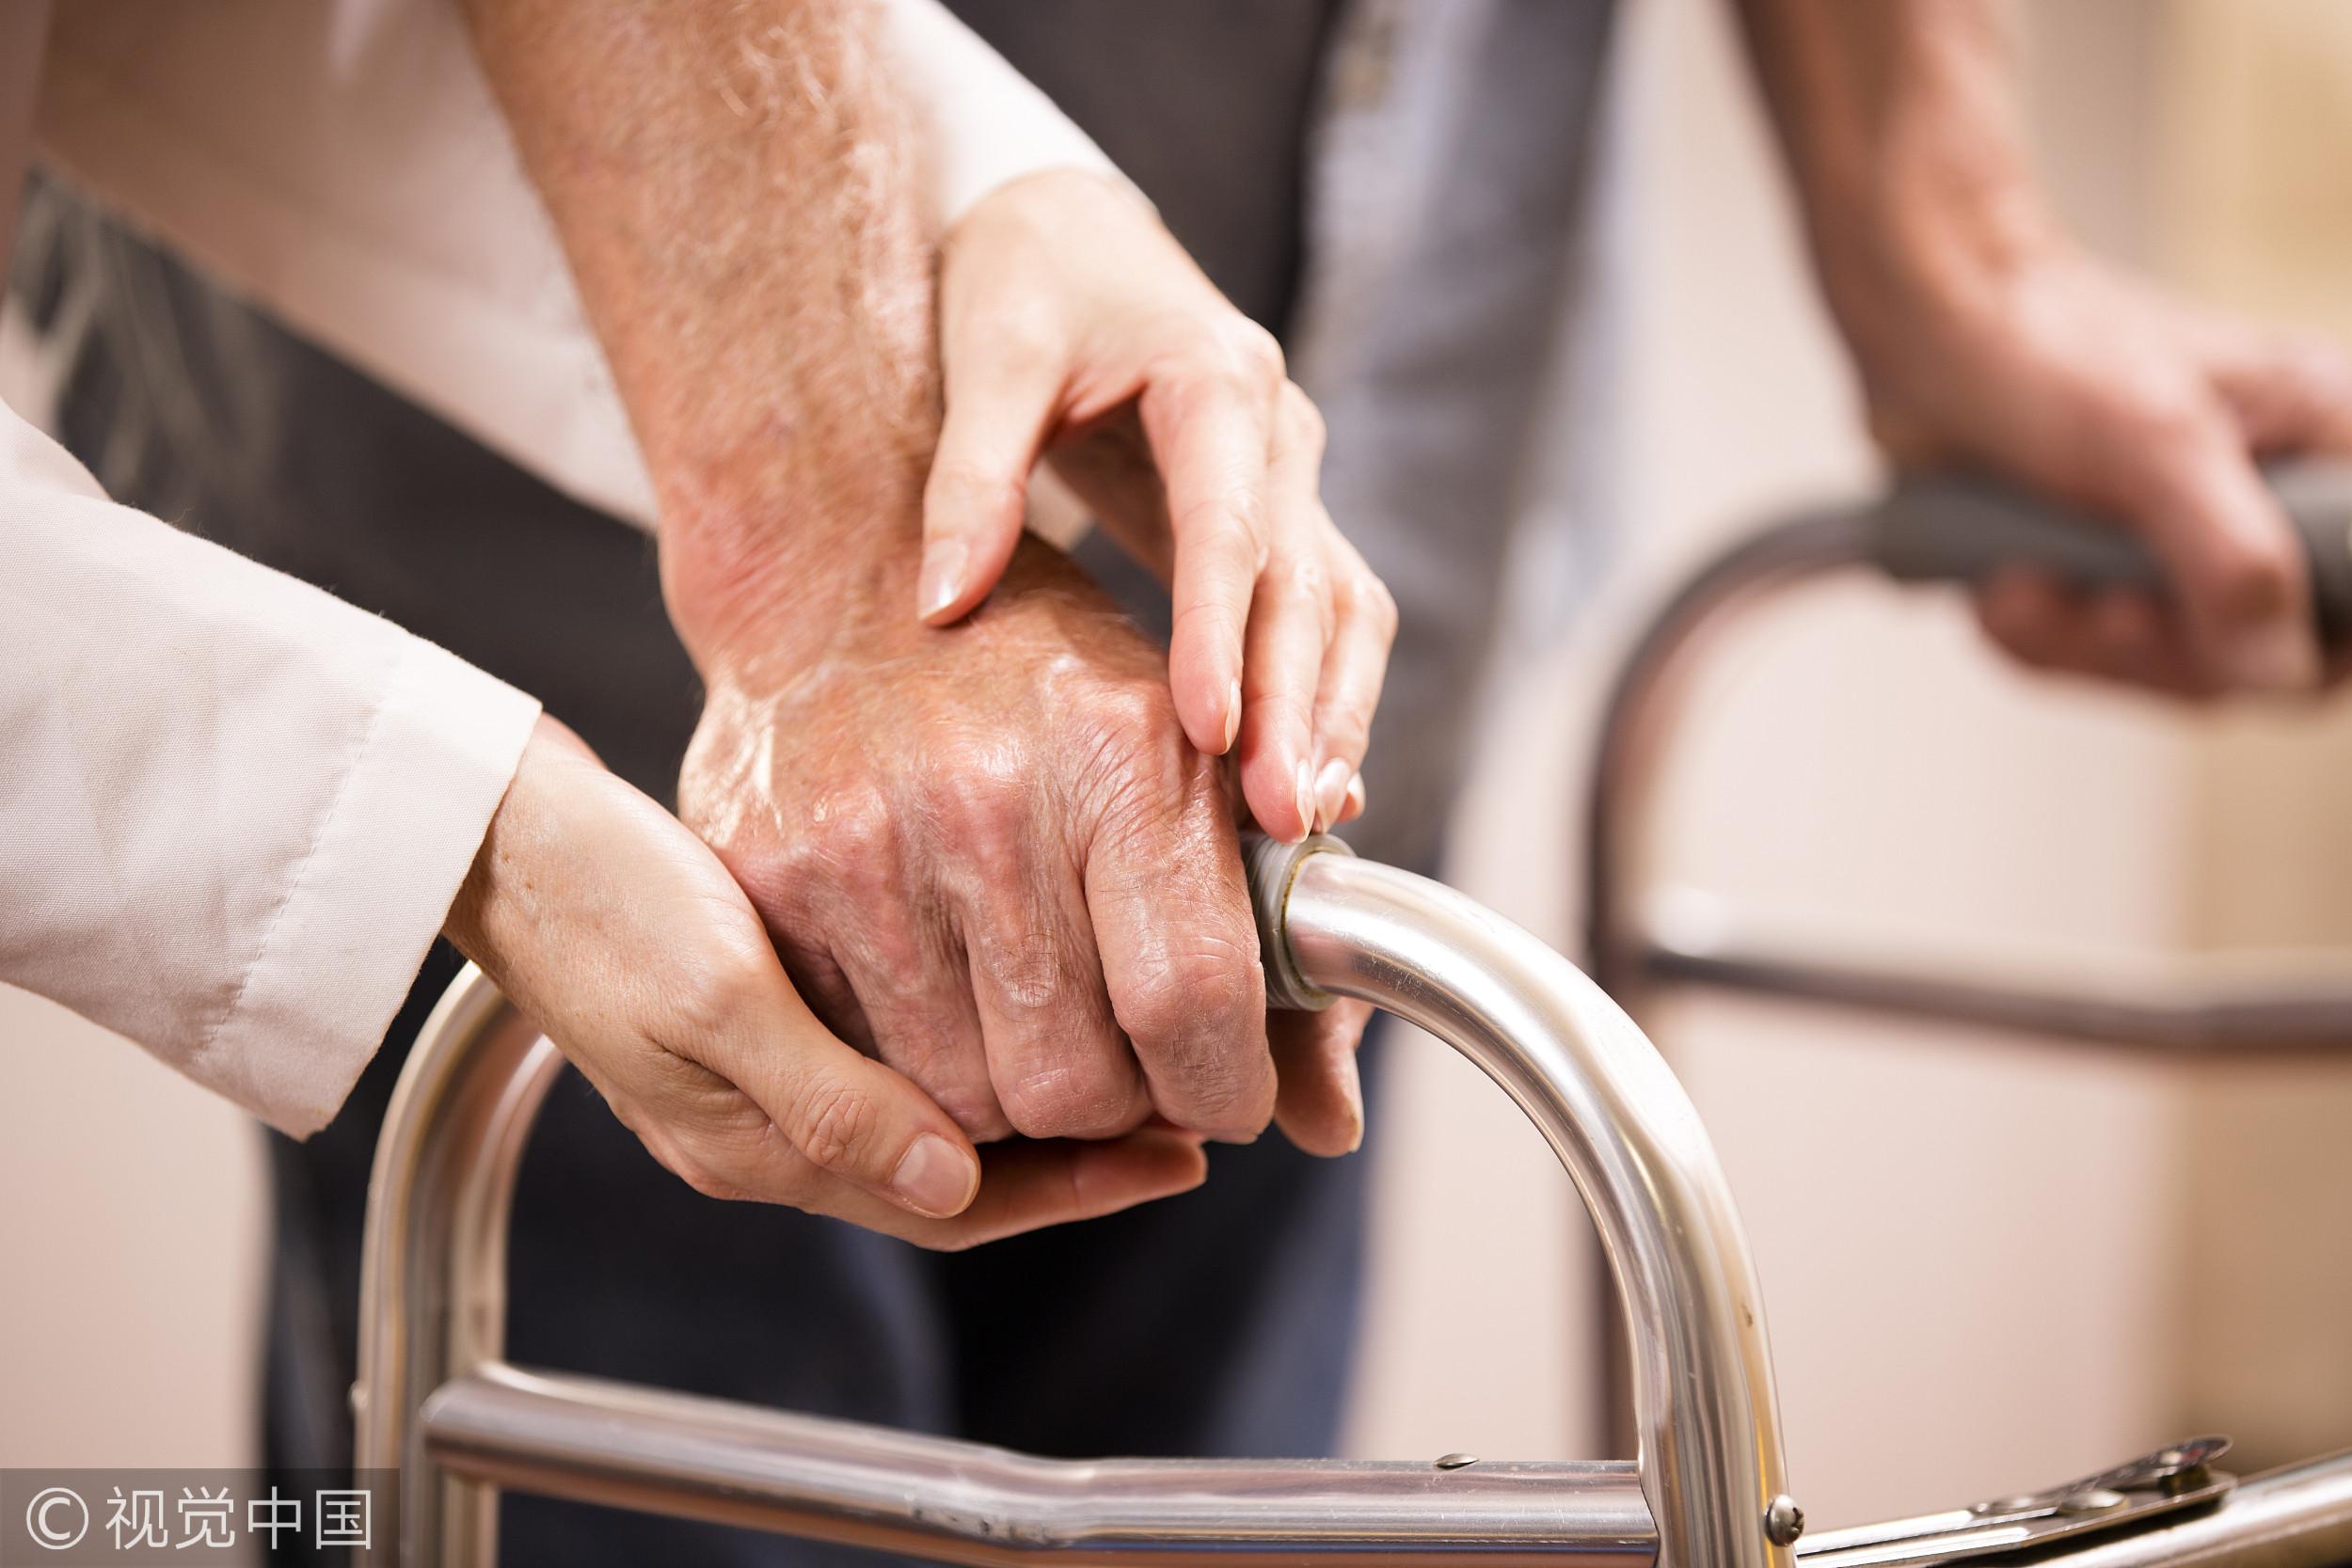 ▲老人,老太太,老奶奶,老婦,手,老人的手,示意圖。(圖/CFP)